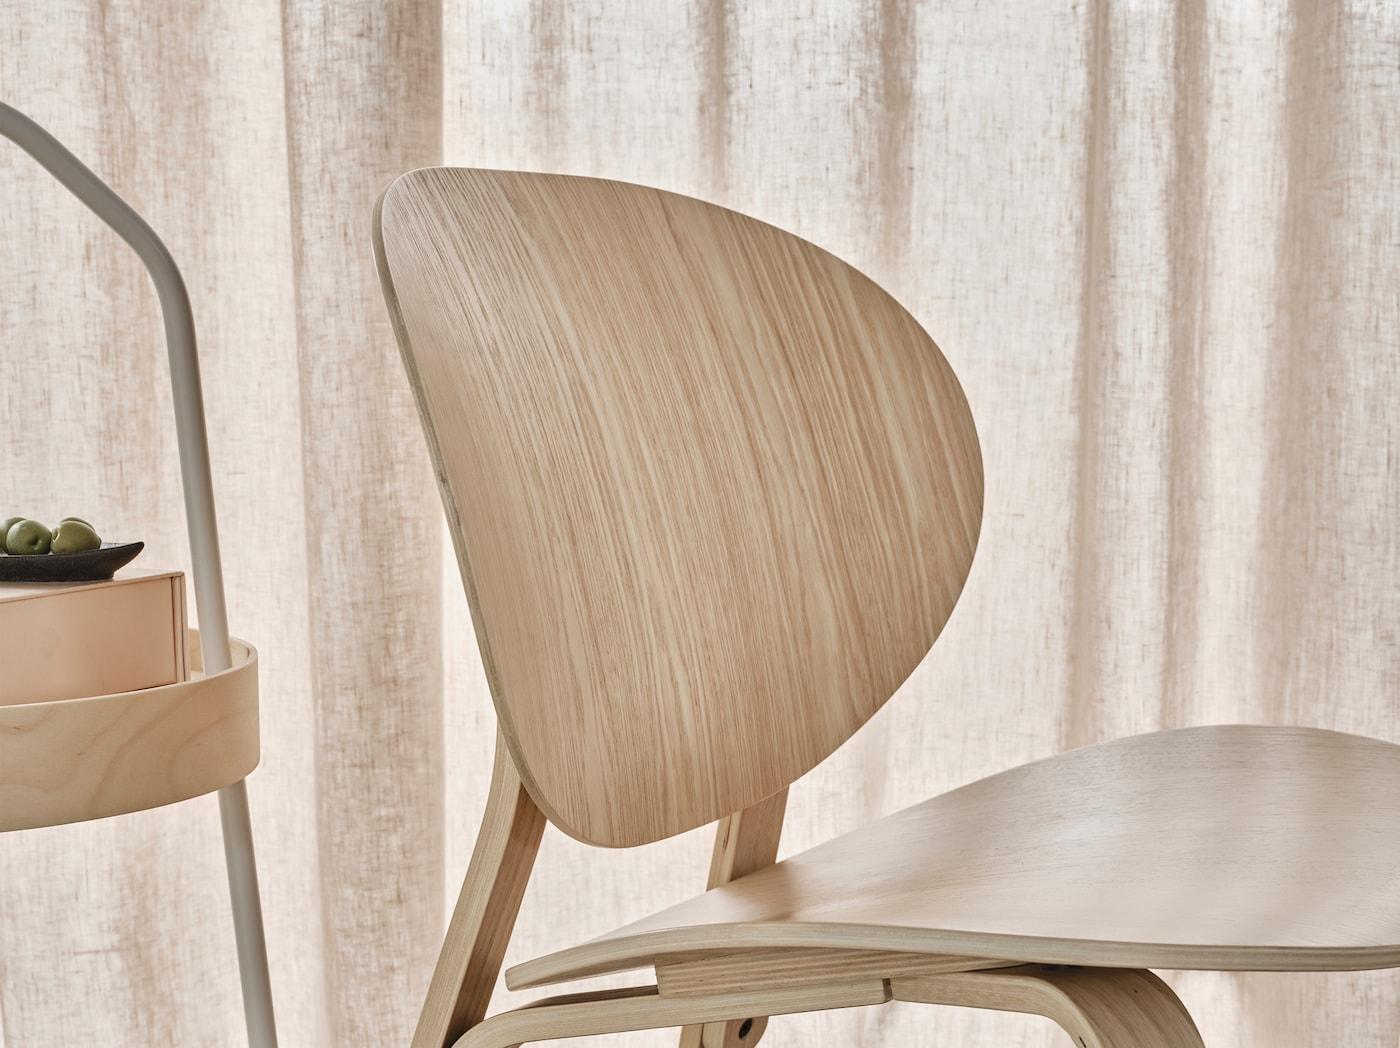 Lähikuvassa vaaleaksi petsatusta tammiviilusta tehty FRÖSET-lepotuoli, jonka muotoilu on modernin skandinaavinen ja keveä.